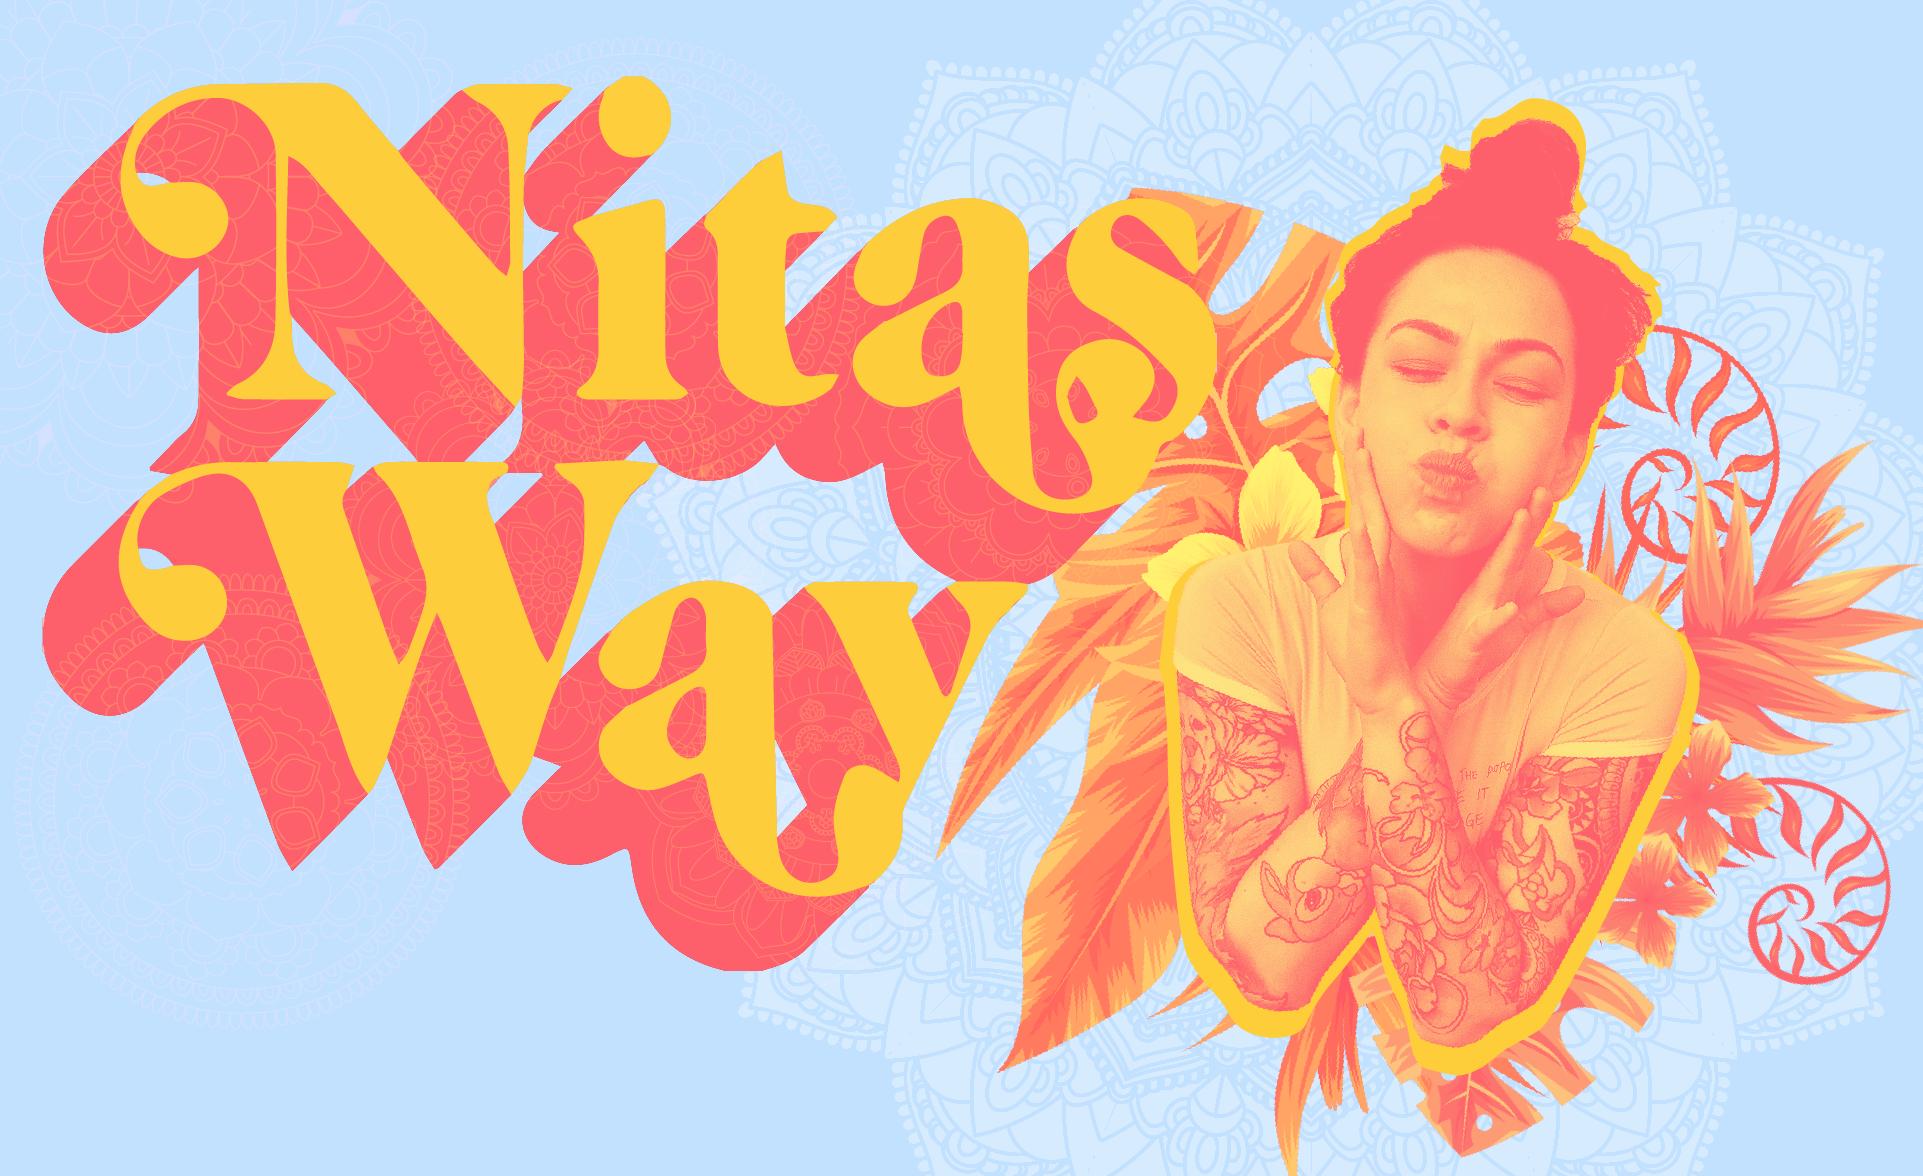 Nita's_Way